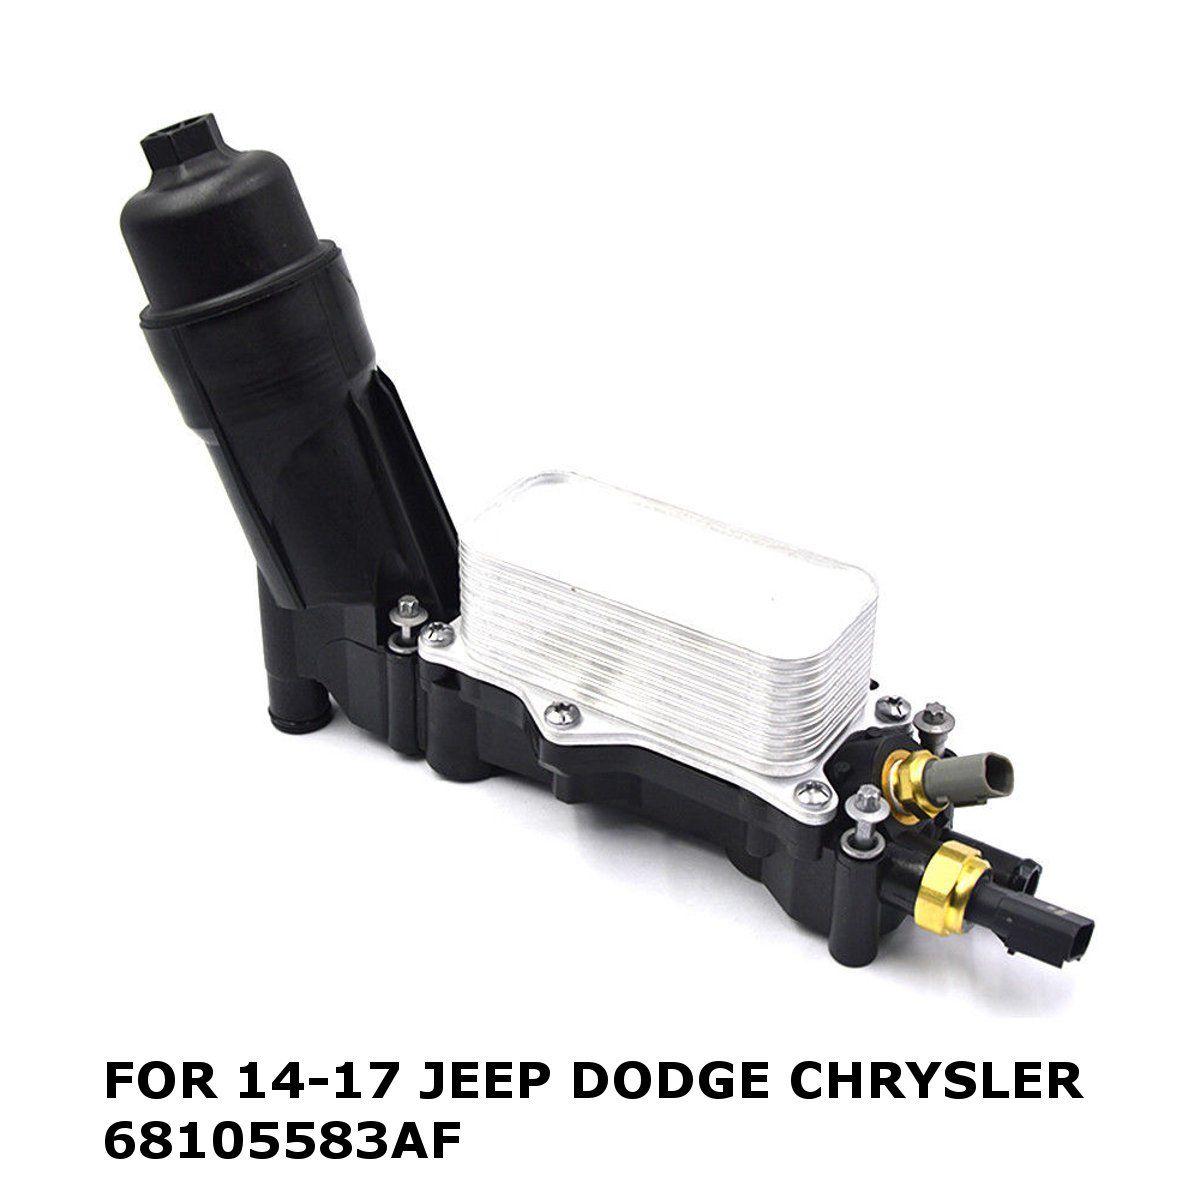 Engine Oil Filter Adapter Housing For Jeep for Dodge Chrysler 3.6 V6 2014-2017 68105583AF 68105583AB